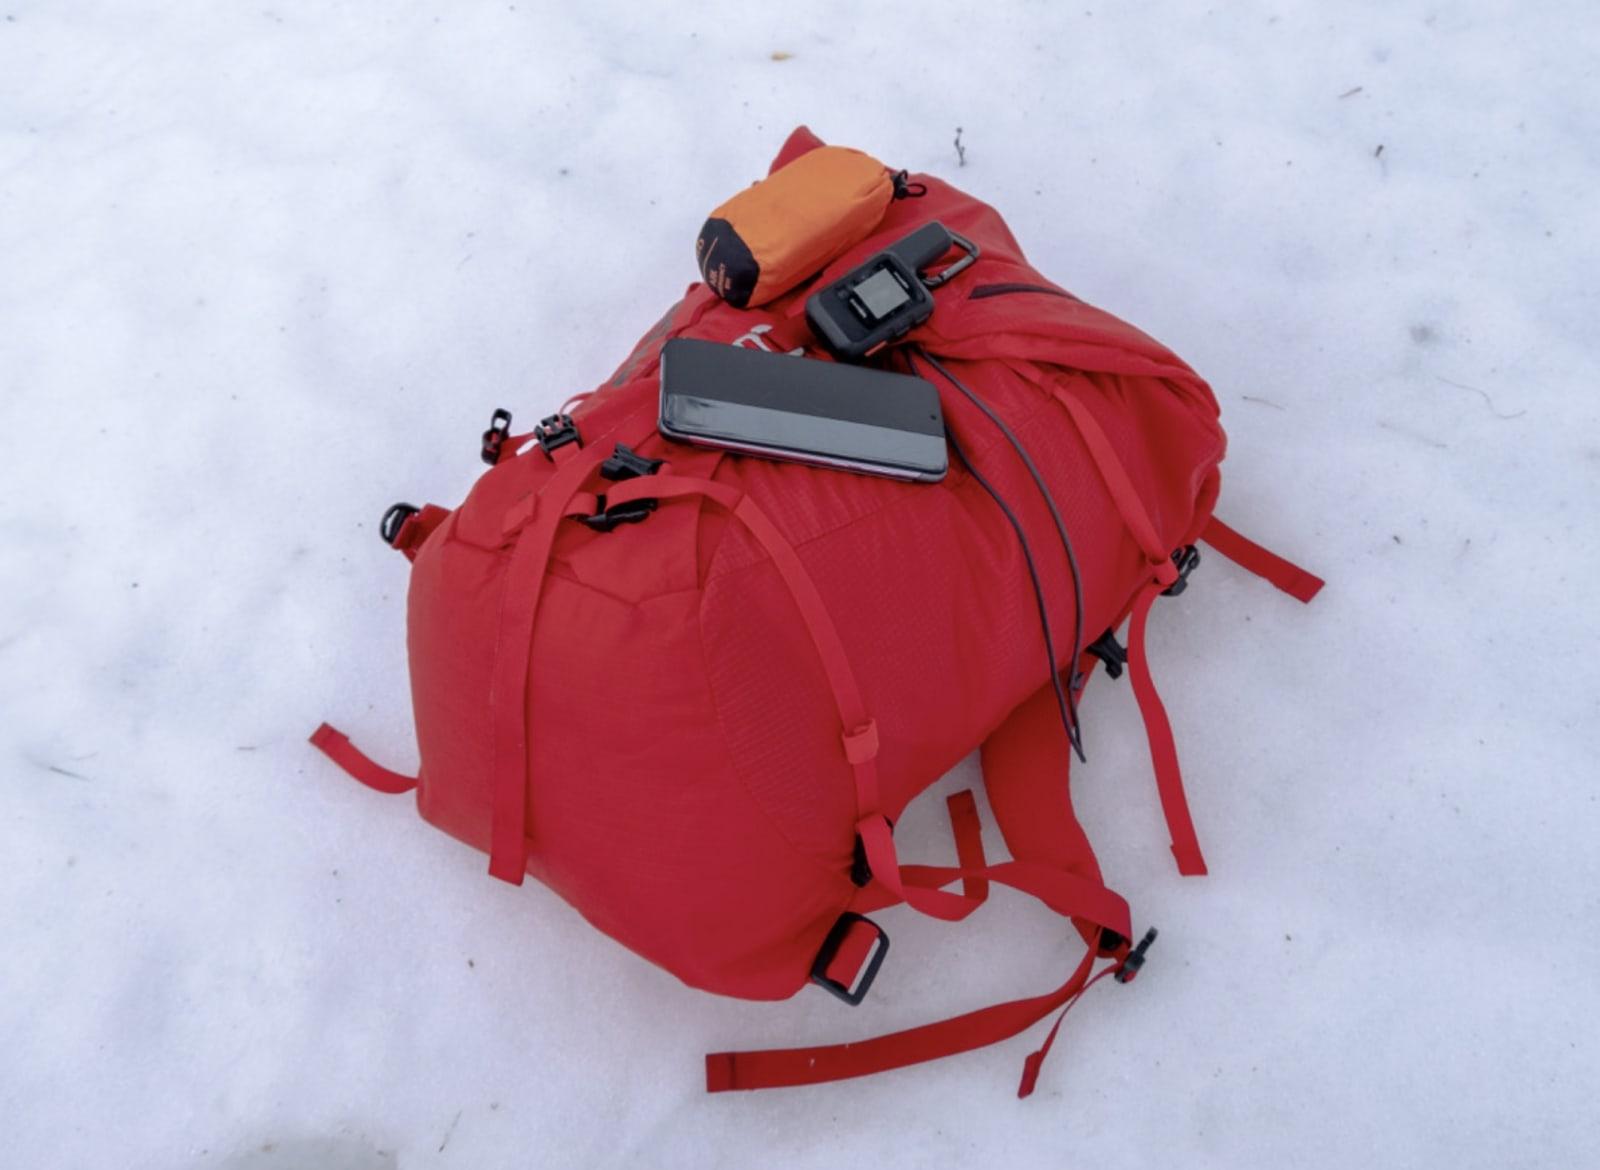 førstehjelp på tur ta med batteri bibuacpose nødpeilesender